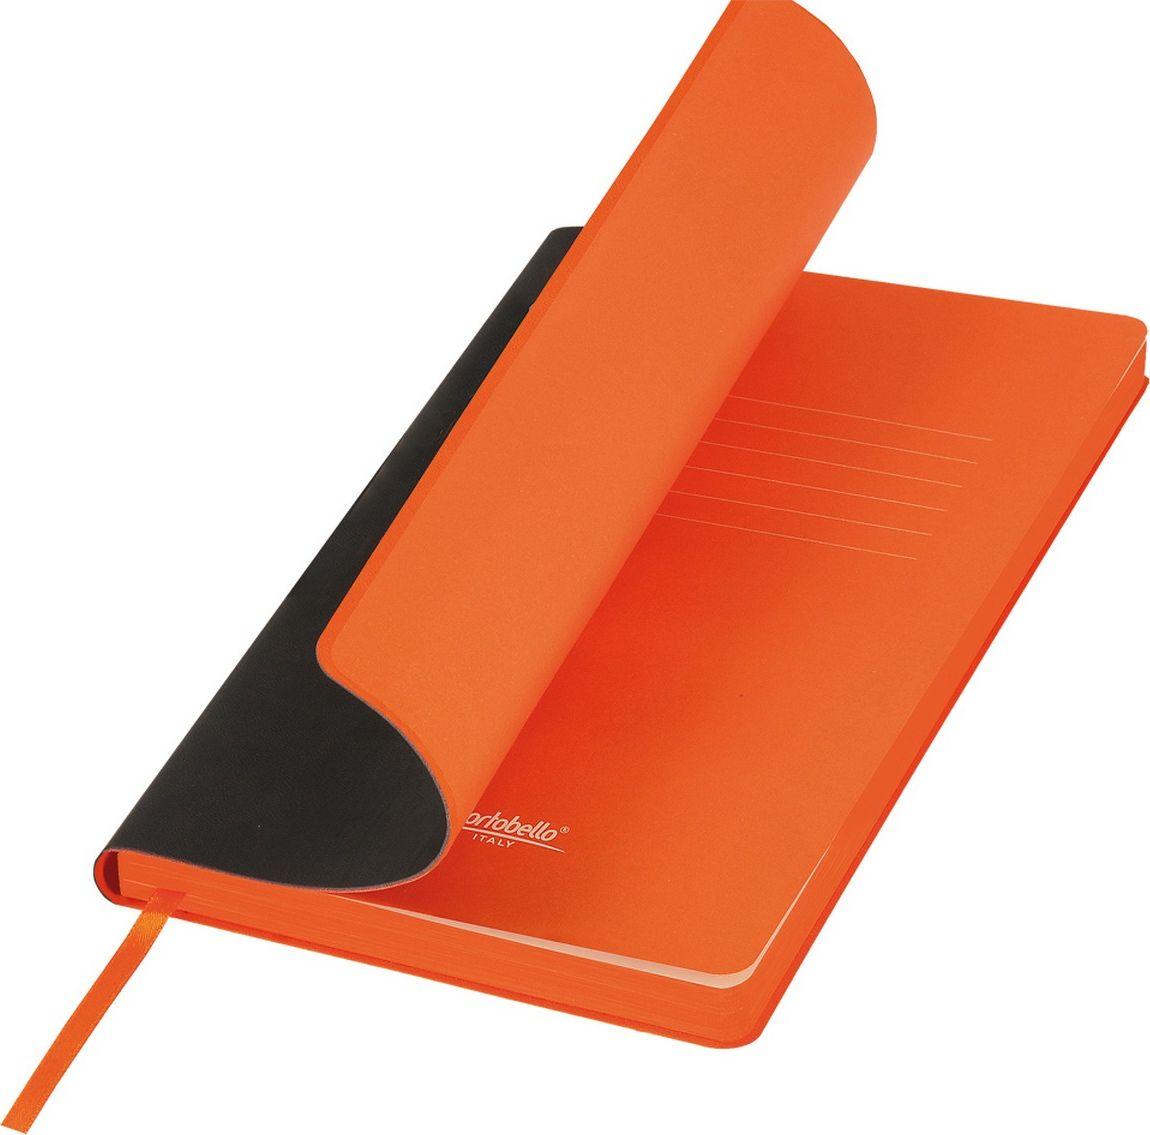 Portobello Trend Ежедневник недатированный Latte 128 листов цвет черный оранжевыйLXX1501254-010/1Мягкая матовая обложка выполнена из бархатистой искусственной кожи. Цвет – однородный, глубокий, слегка припудренный. На ощупь – теплая, слегка прорезиненная. Яркая находка – контрастное сочетание обложки и среза. Цвет форзаца и цвет среза – совпадают. Есть ляссе.